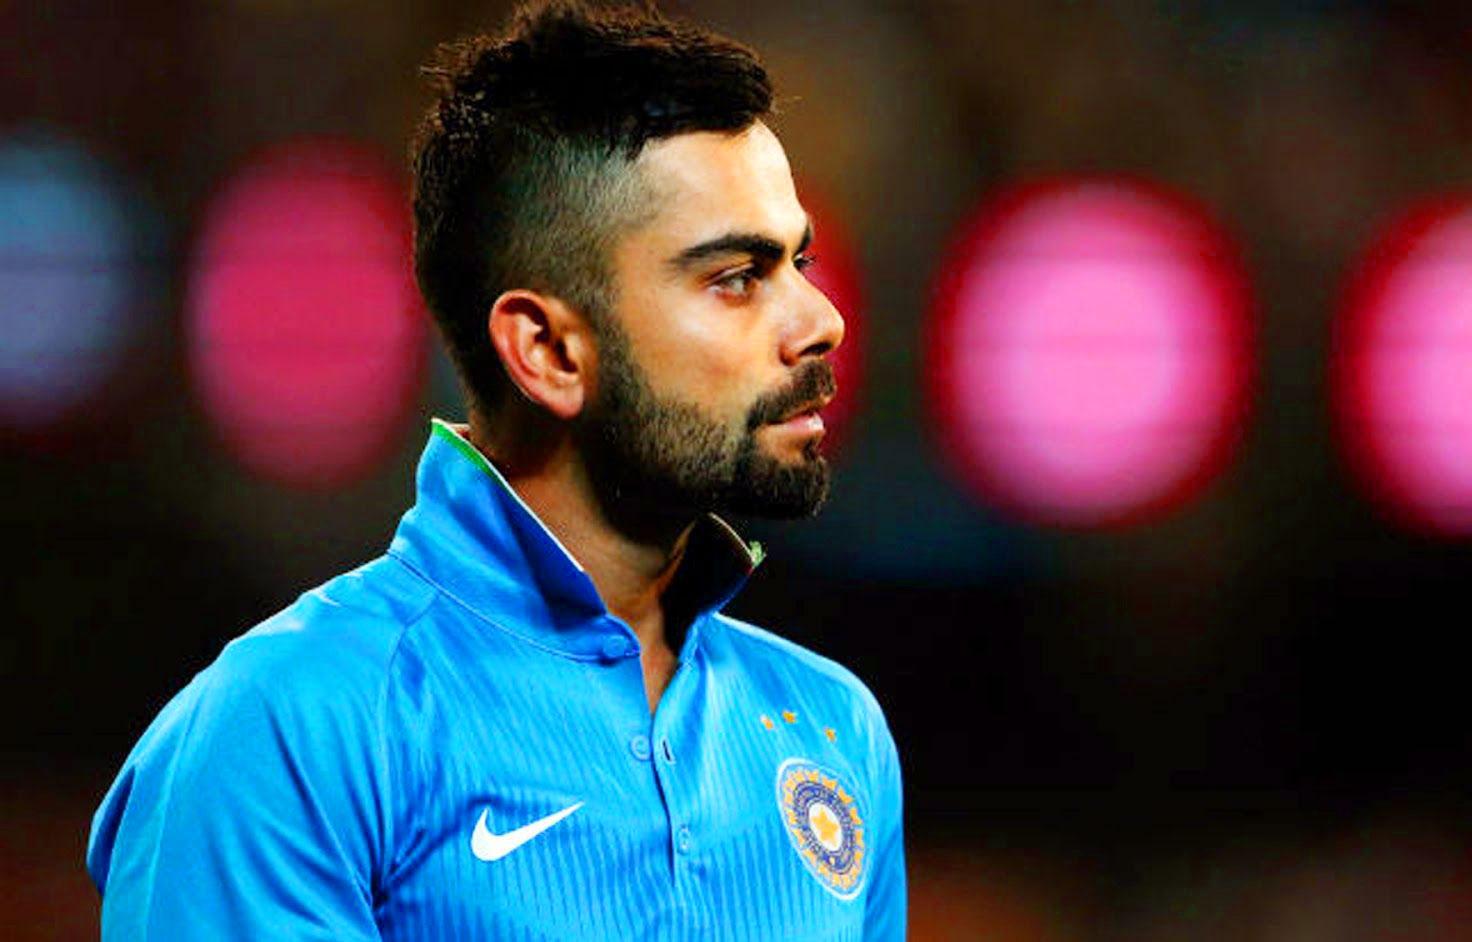 Cricket Virat Kohli Images Pics Wallpaper Free